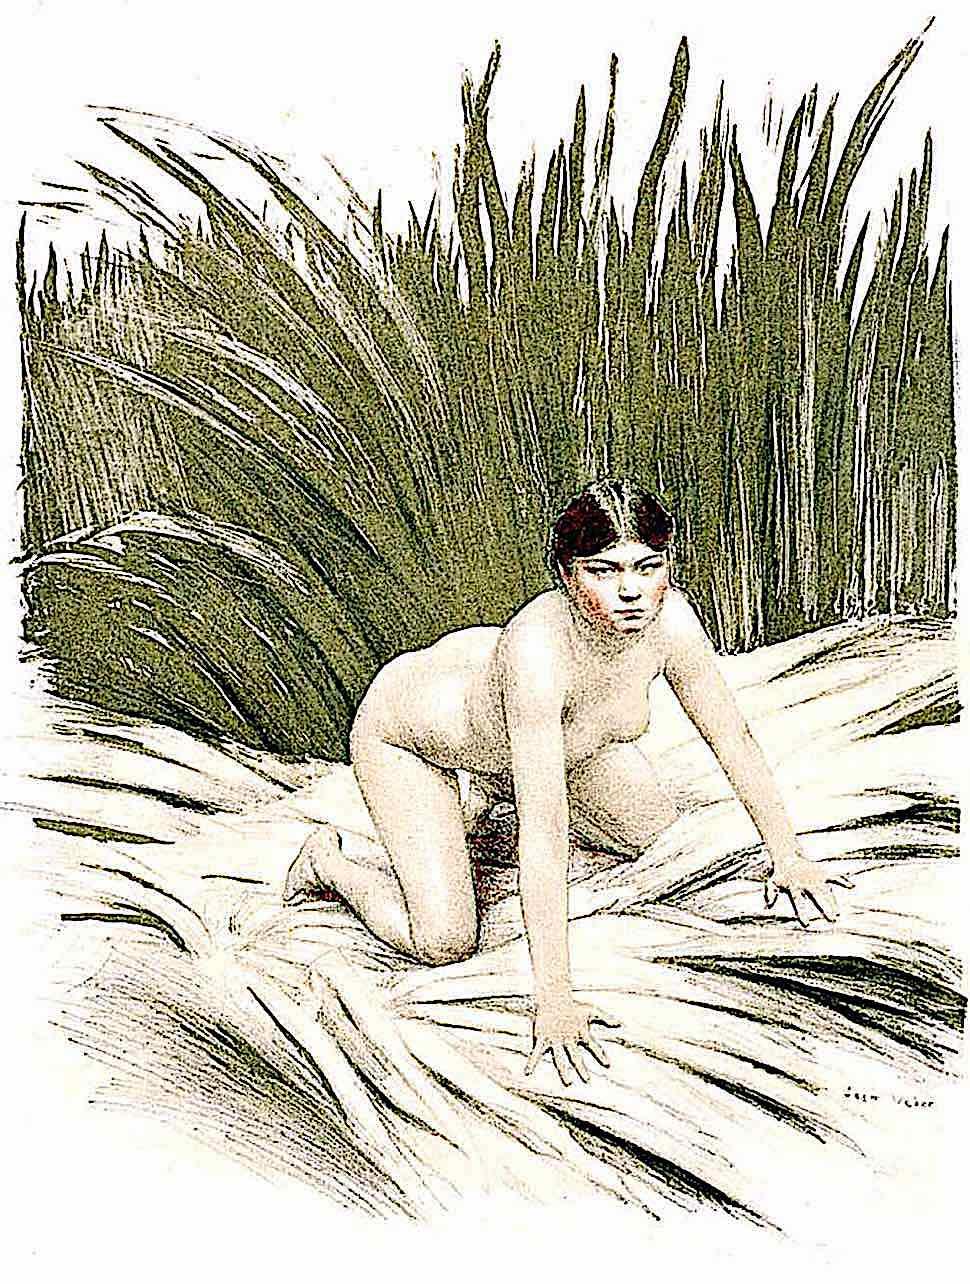 a Jean Veber 1896 nude woman in a swampy marsh